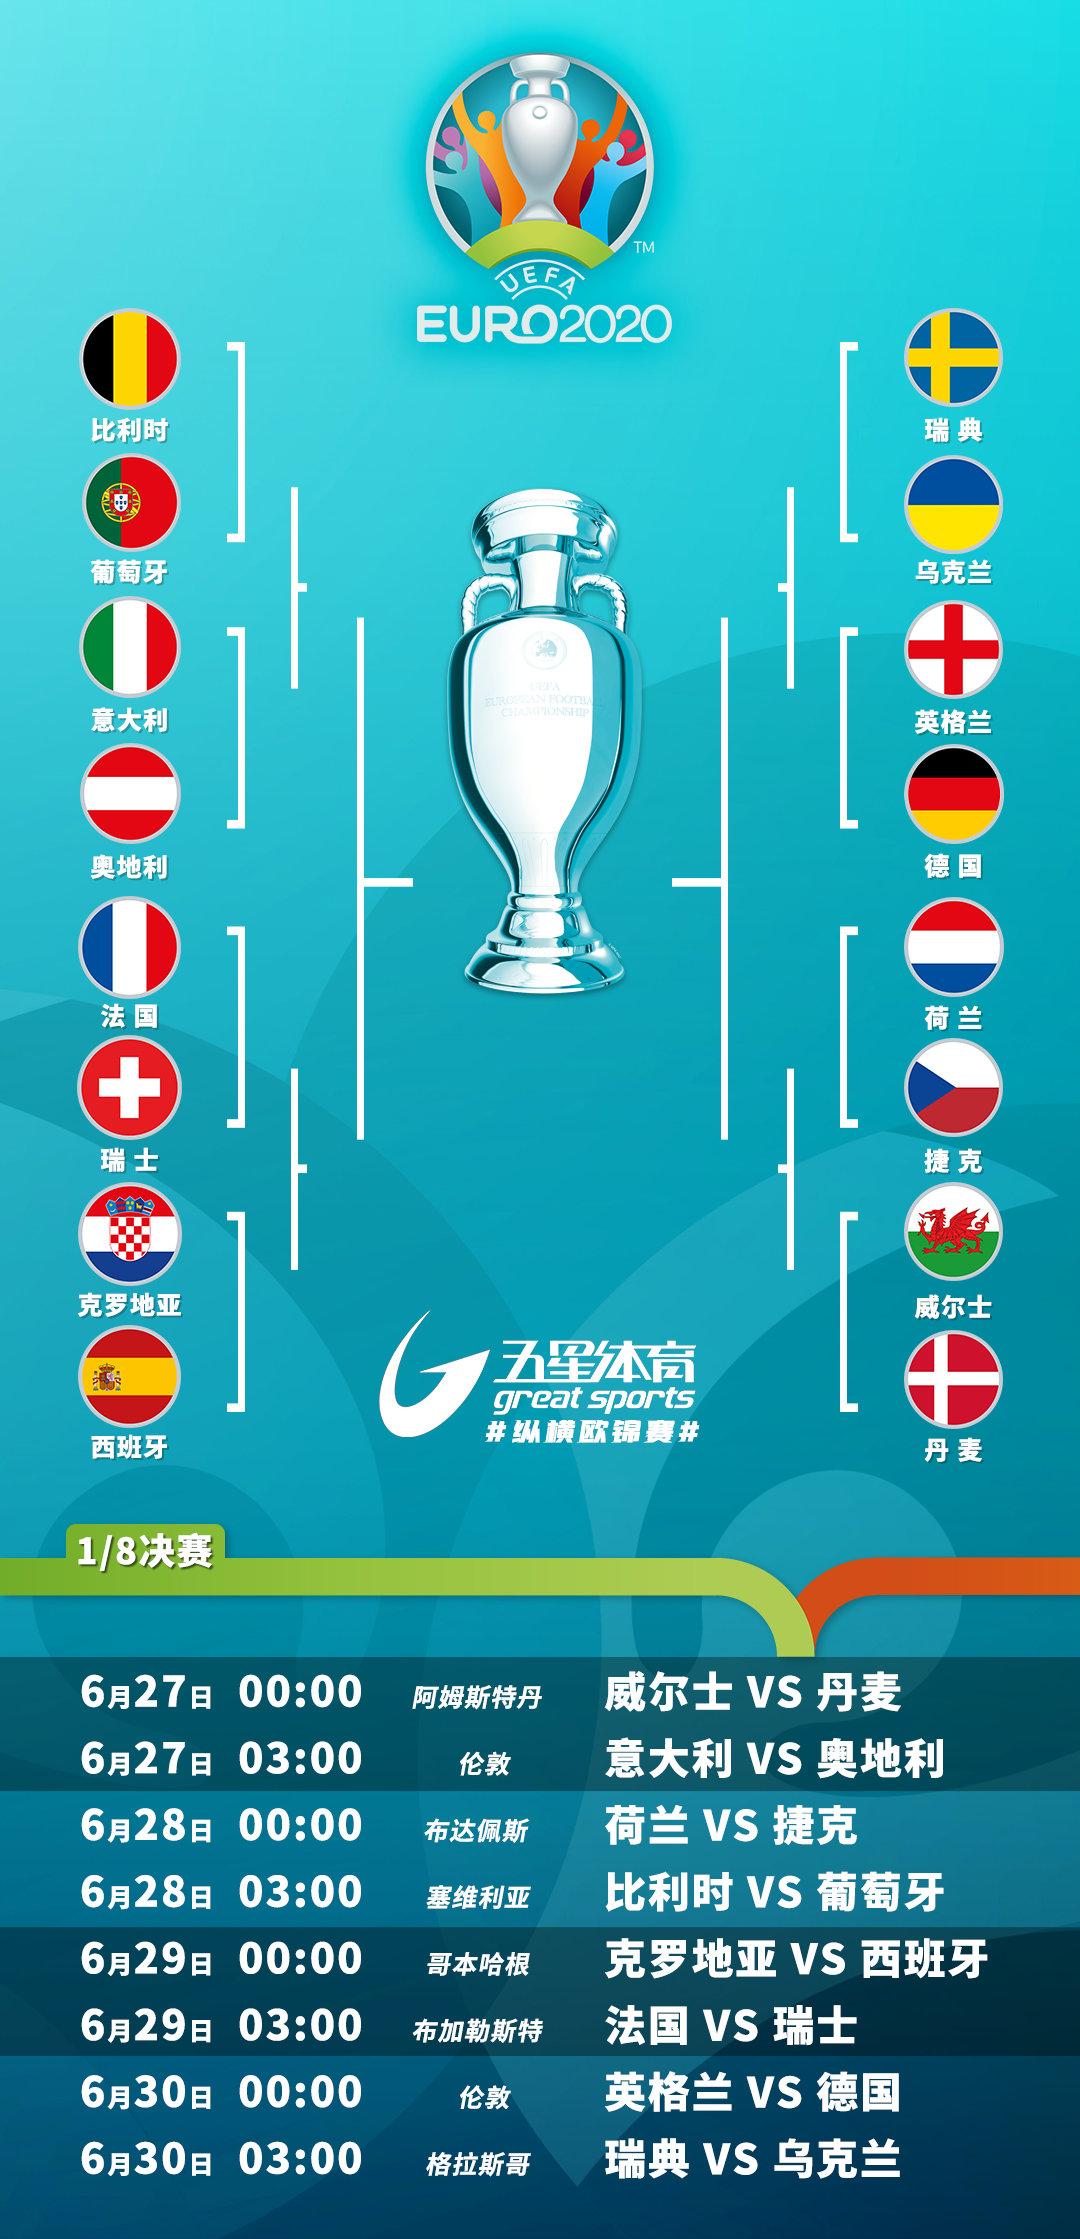 欧洲杯16强对阵揭晓:英德大战上演 葡萄牙直面比利时